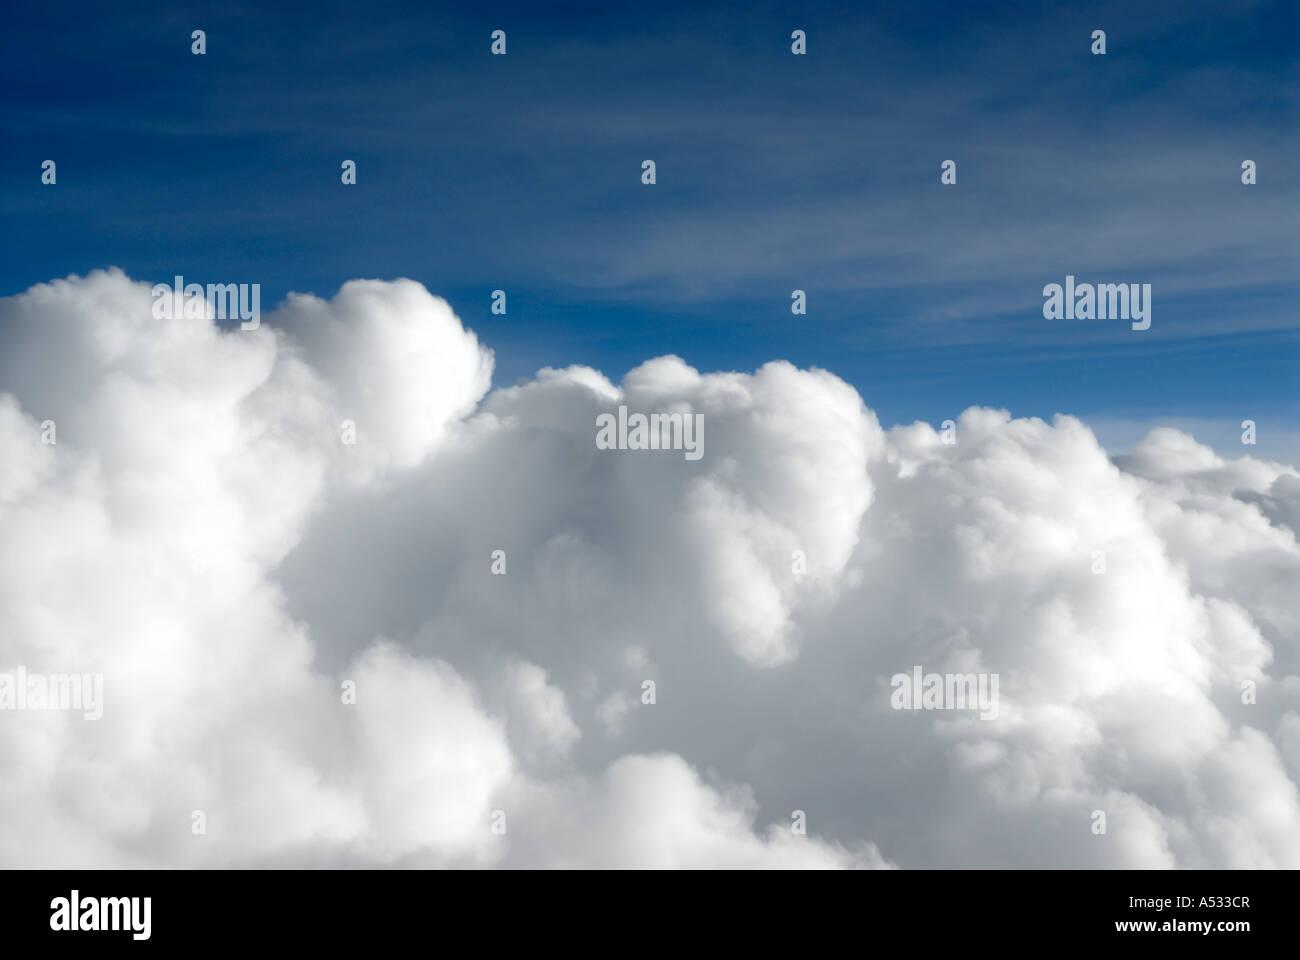 Geschwollene weißen Cumulus-Wolken hautnah aus Flugzeug mit blauem Himmel Stockbild